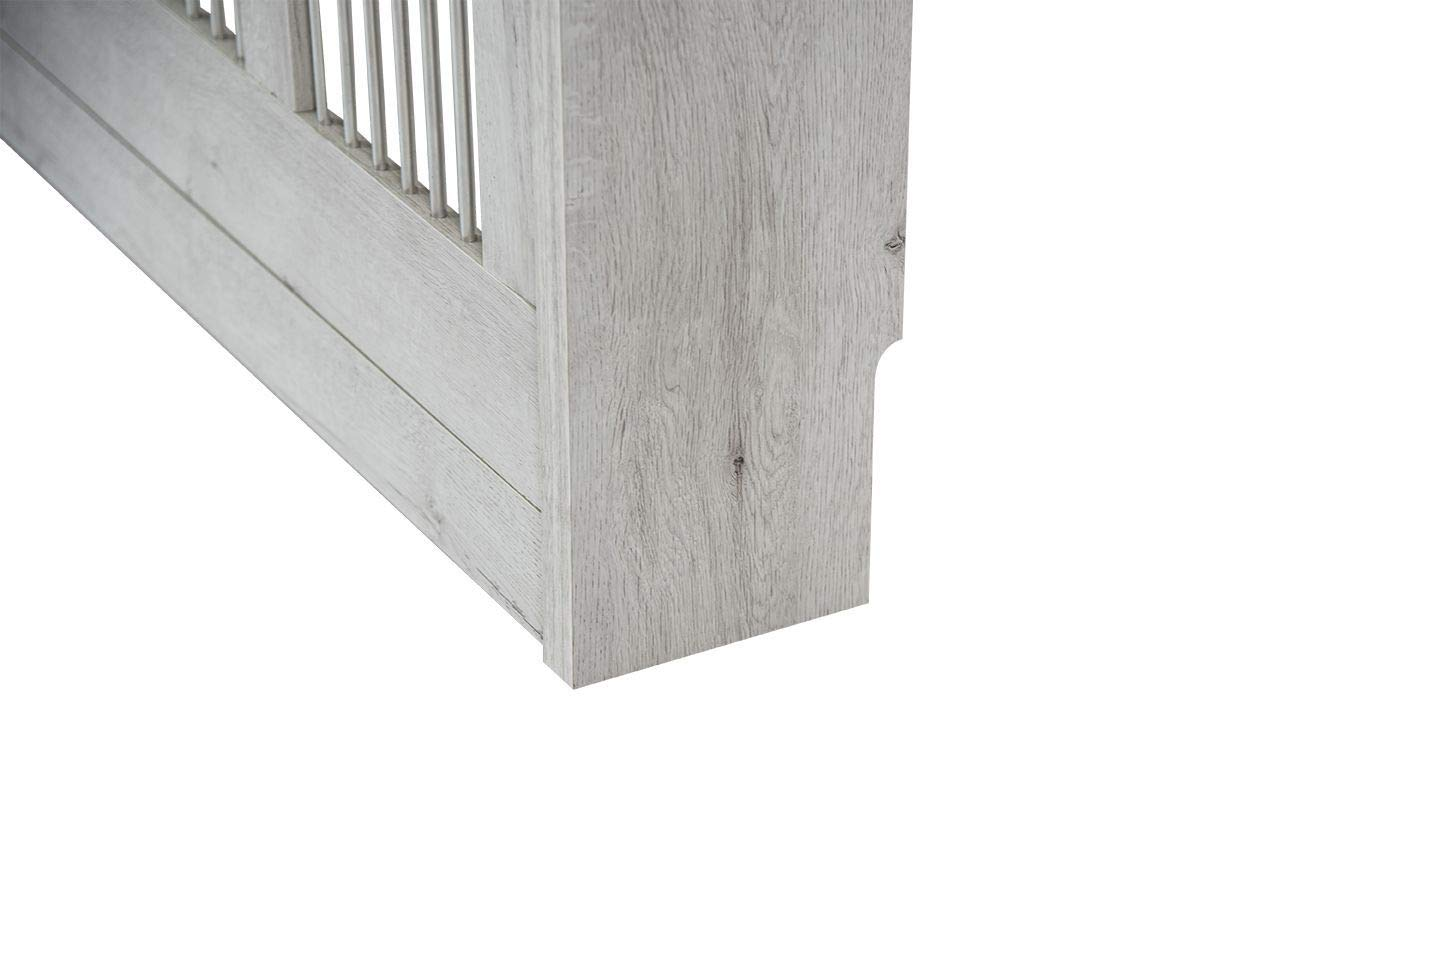 TopKit 3091PUCC Cubre radiador Cristian 3091 18 x 90 x 84 cm Puccini Tablero aglomerado de Alta Densidad y melamina con Gran Resistencia al Rayado